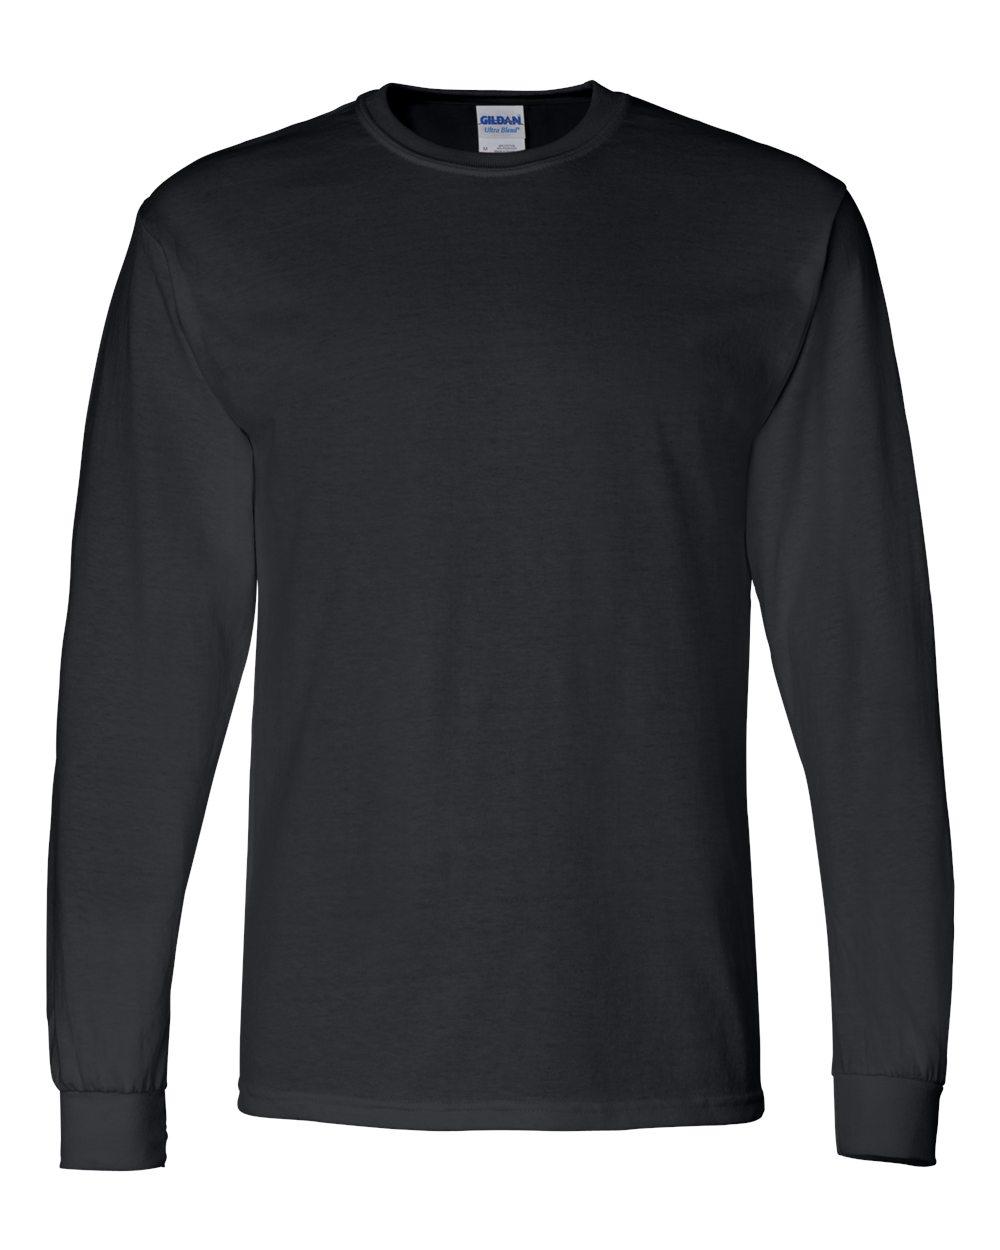 Gildan-Mens-Blank-DryBlend-50-50-Cotton-Long-Sleeve-T-Shirt-8400-up-to-3XL miniature 9